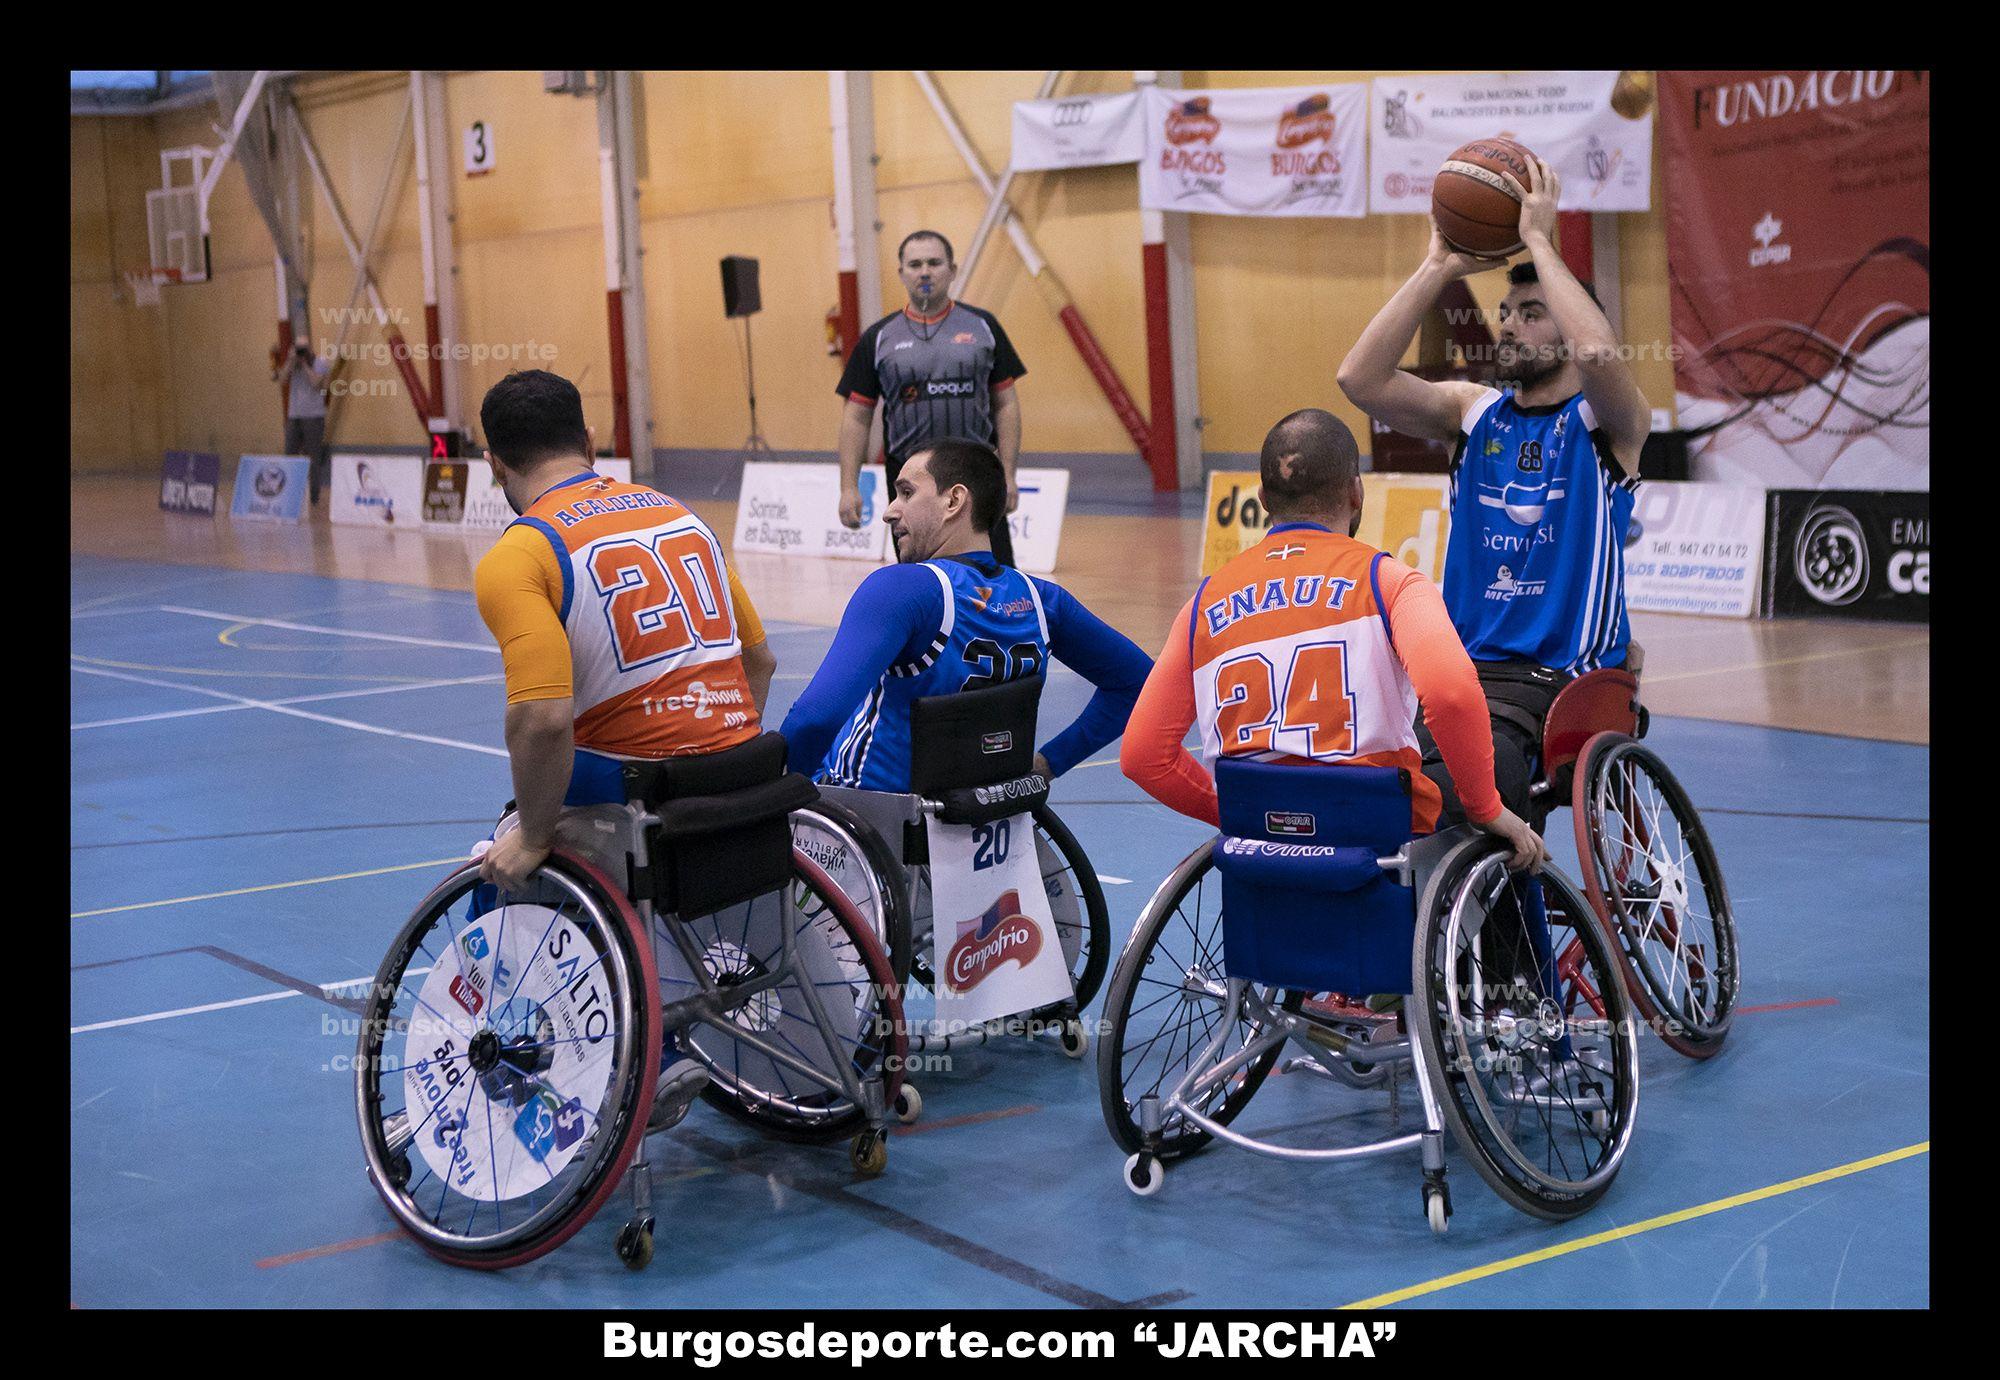 SERVIGEST BURGOS 65 - SALTO BERA BERA 43